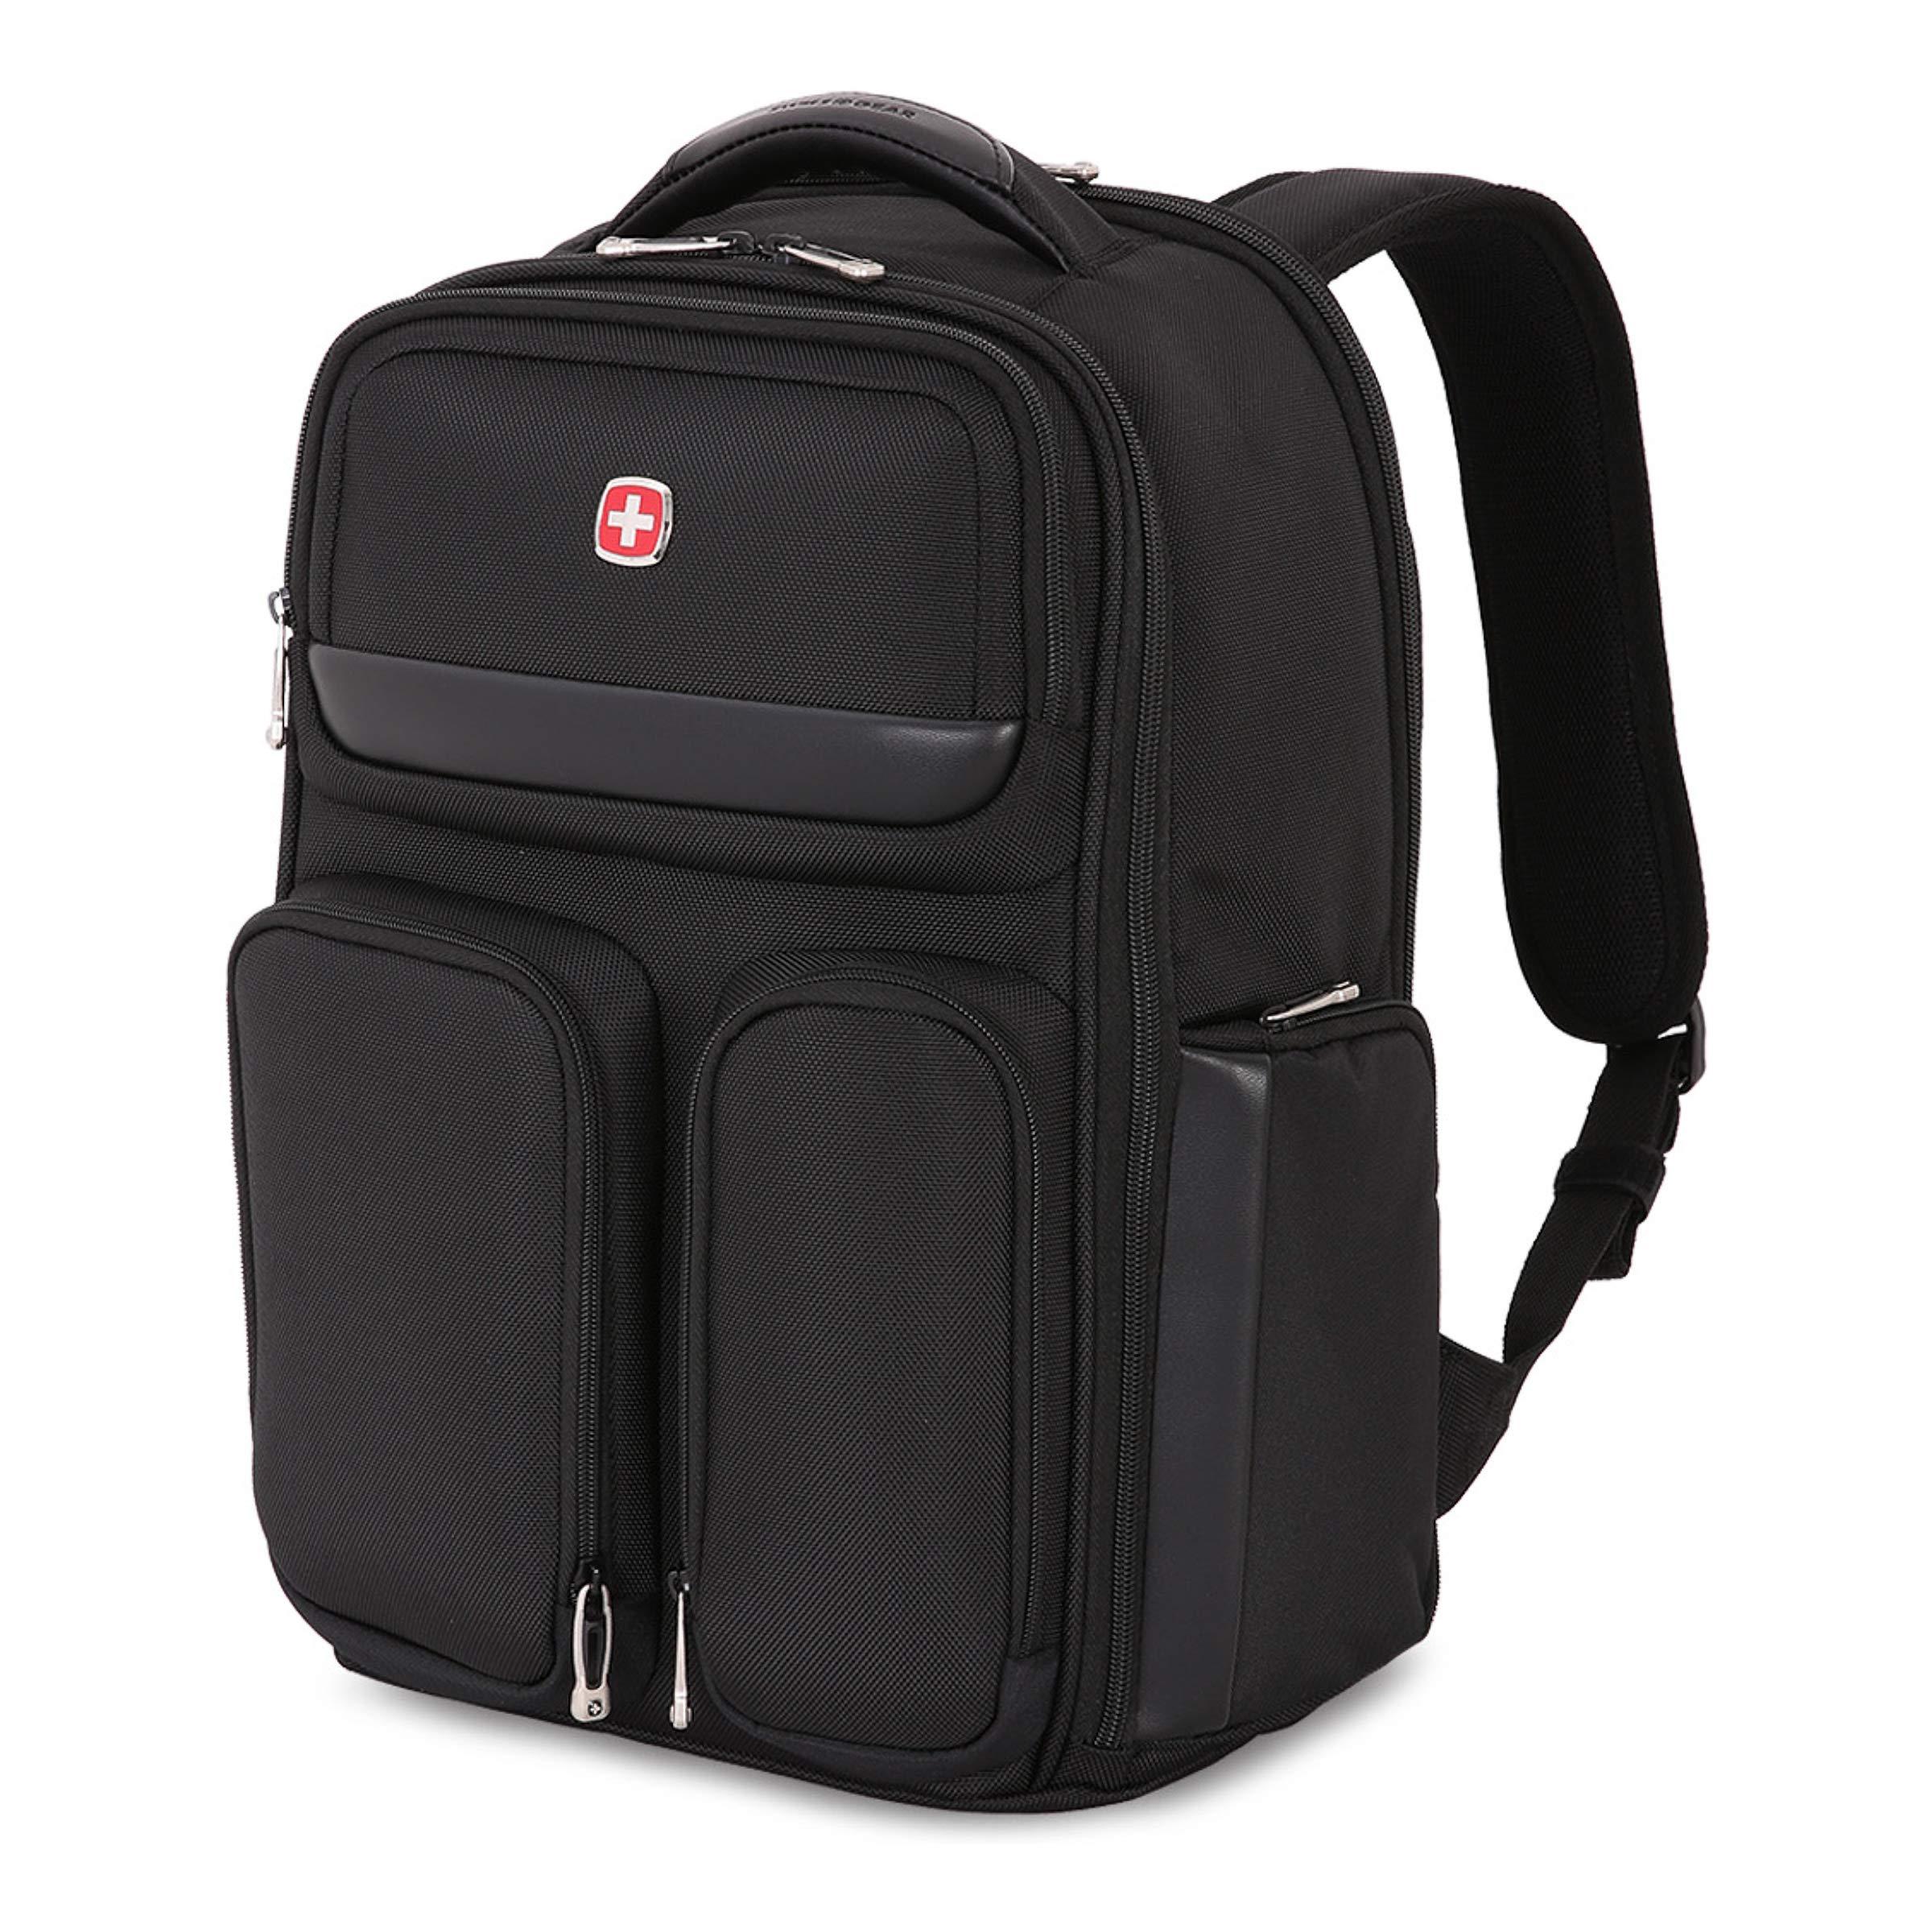 SWISSGEAR ScanSmart 15 inch Backpack TSA Friendly